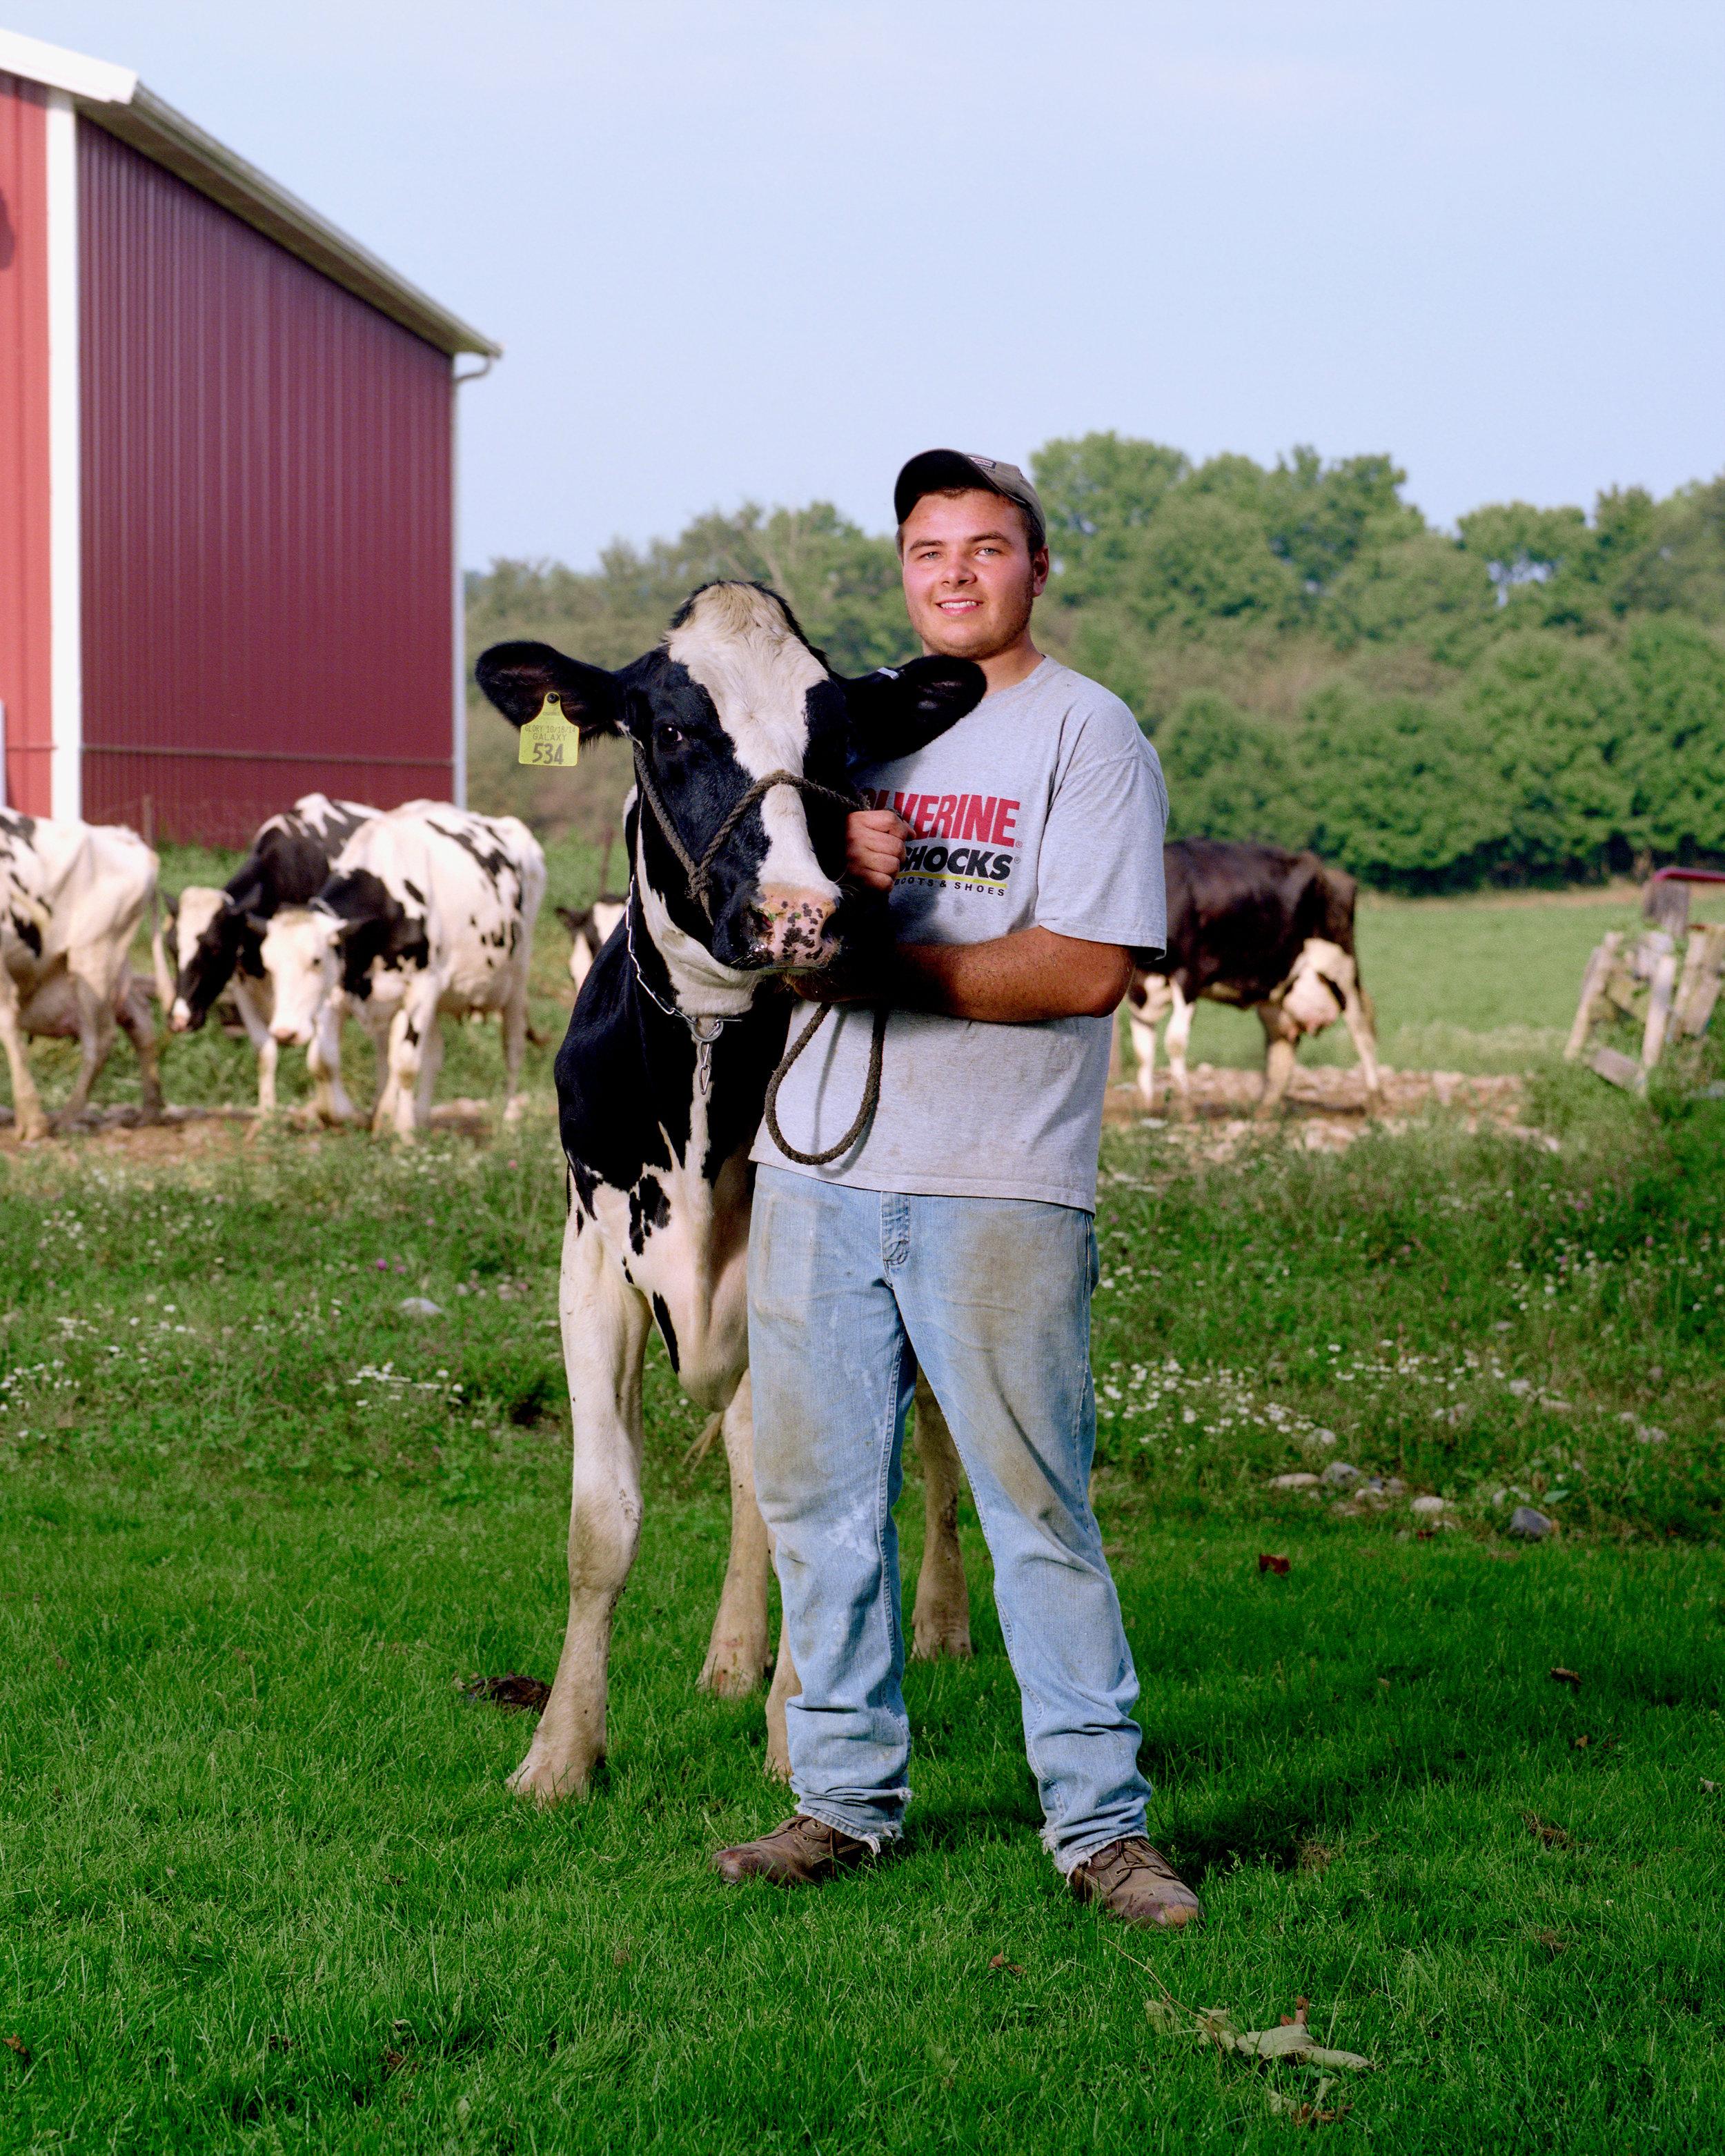 feagles_farm_jake2crop_srgb.jpg